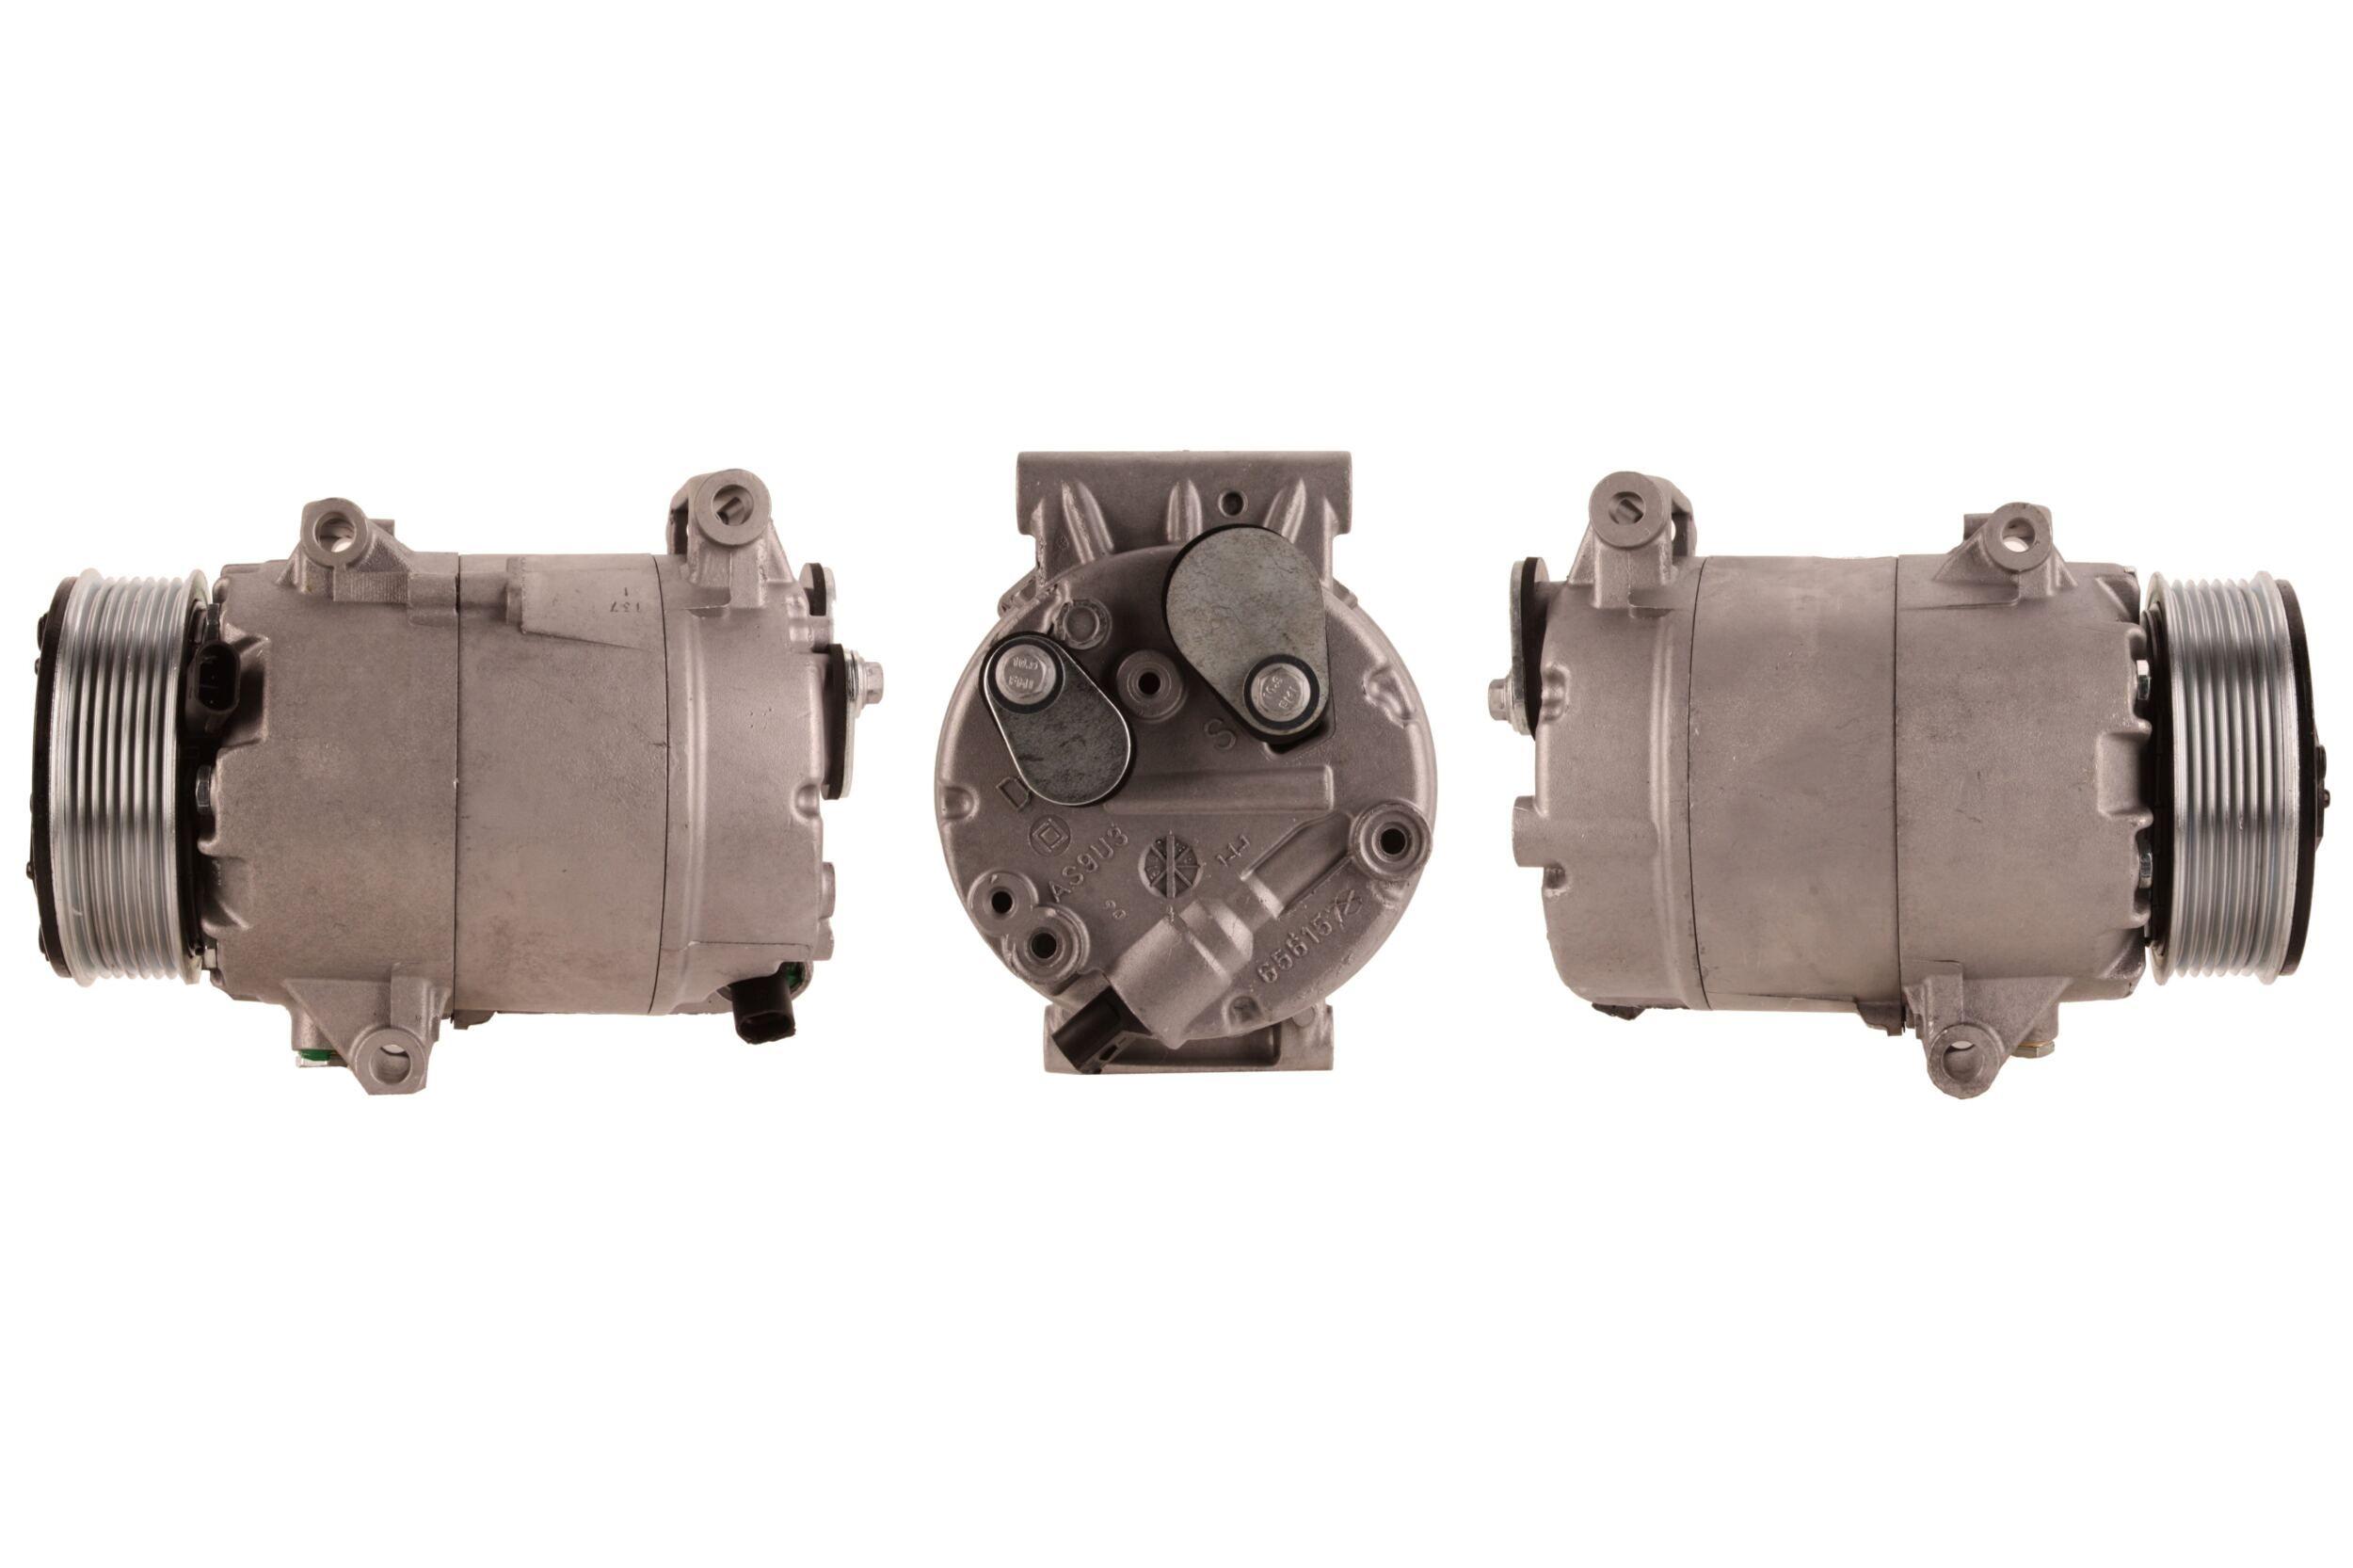 51-0695 ELSTOCK Kältemittel: R 134a Riemenscheiben-Ø: 110mm, Anzahl der Rillen: 7 Klimakompressor 51-0695 günstig kaufen